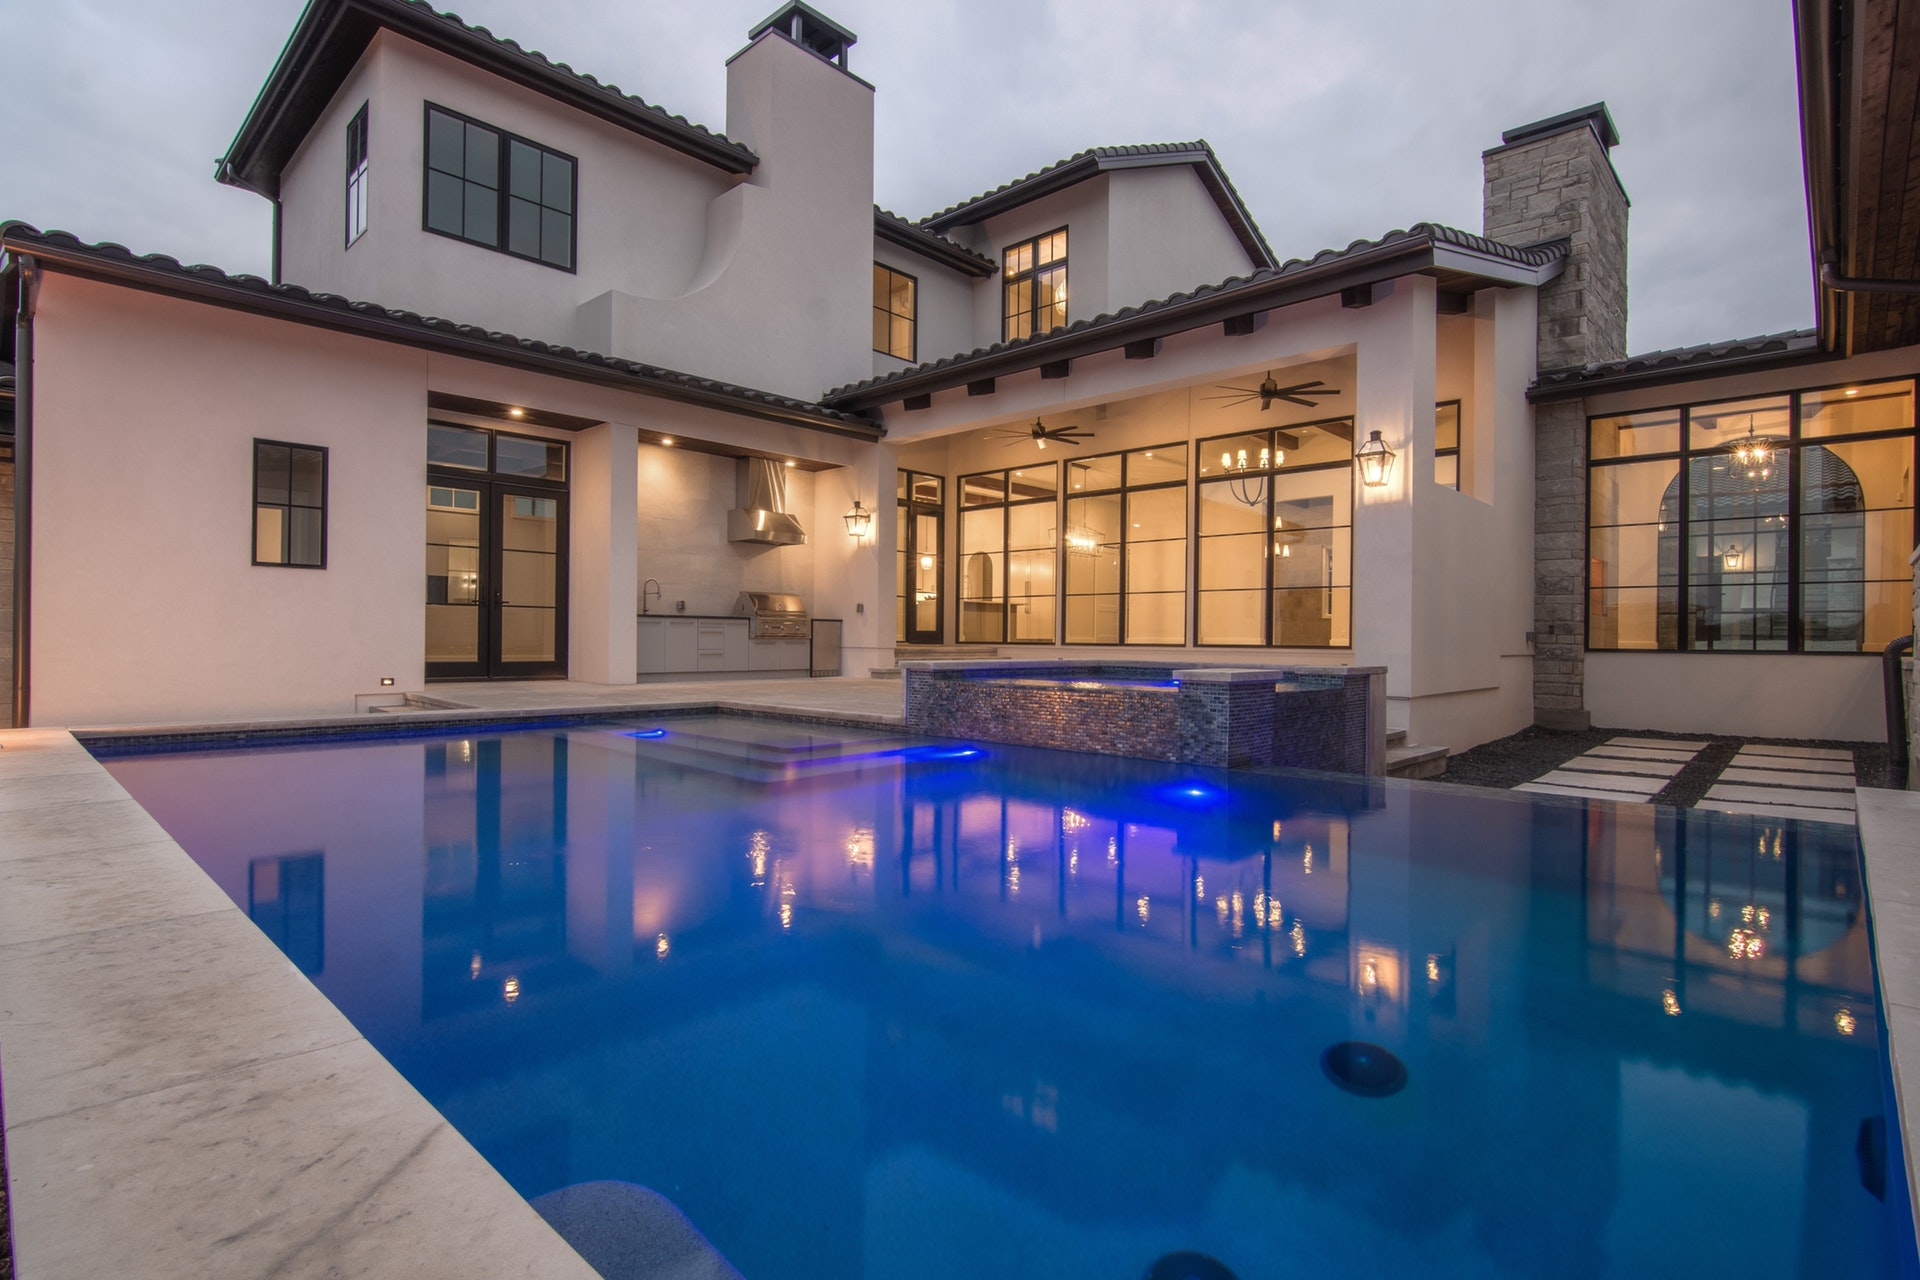 061-296944-5608 Spanish Oaks 125_7213993.jpg